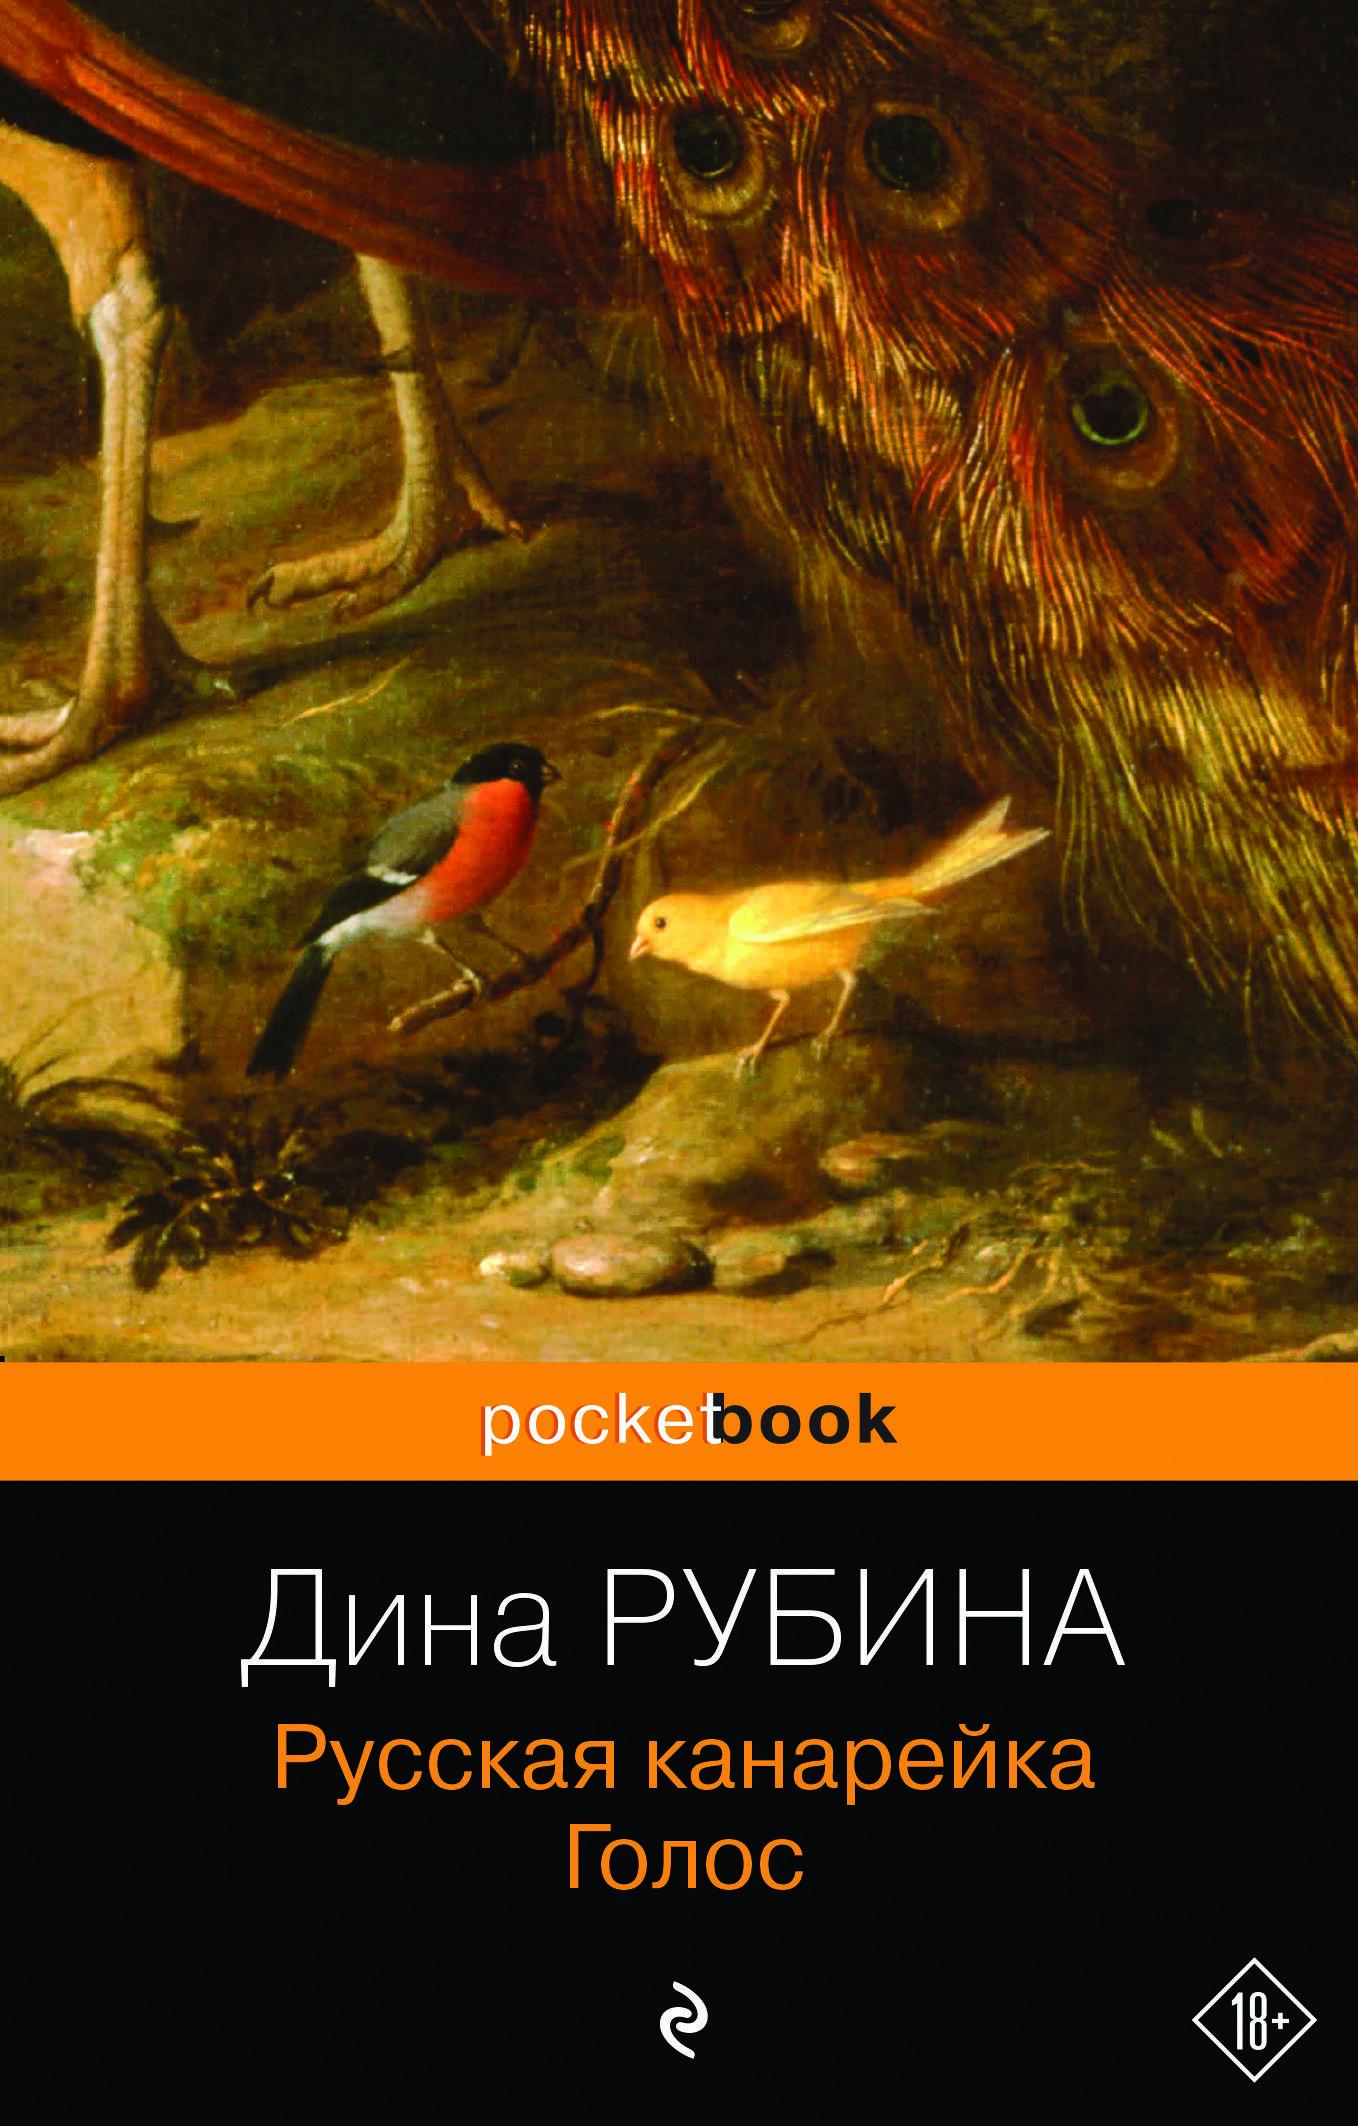 РУБИНА РУССКАЯ КАНАРЕЙКА ГОЛОС СКАЧАТЬ БЕСПЛАТНО